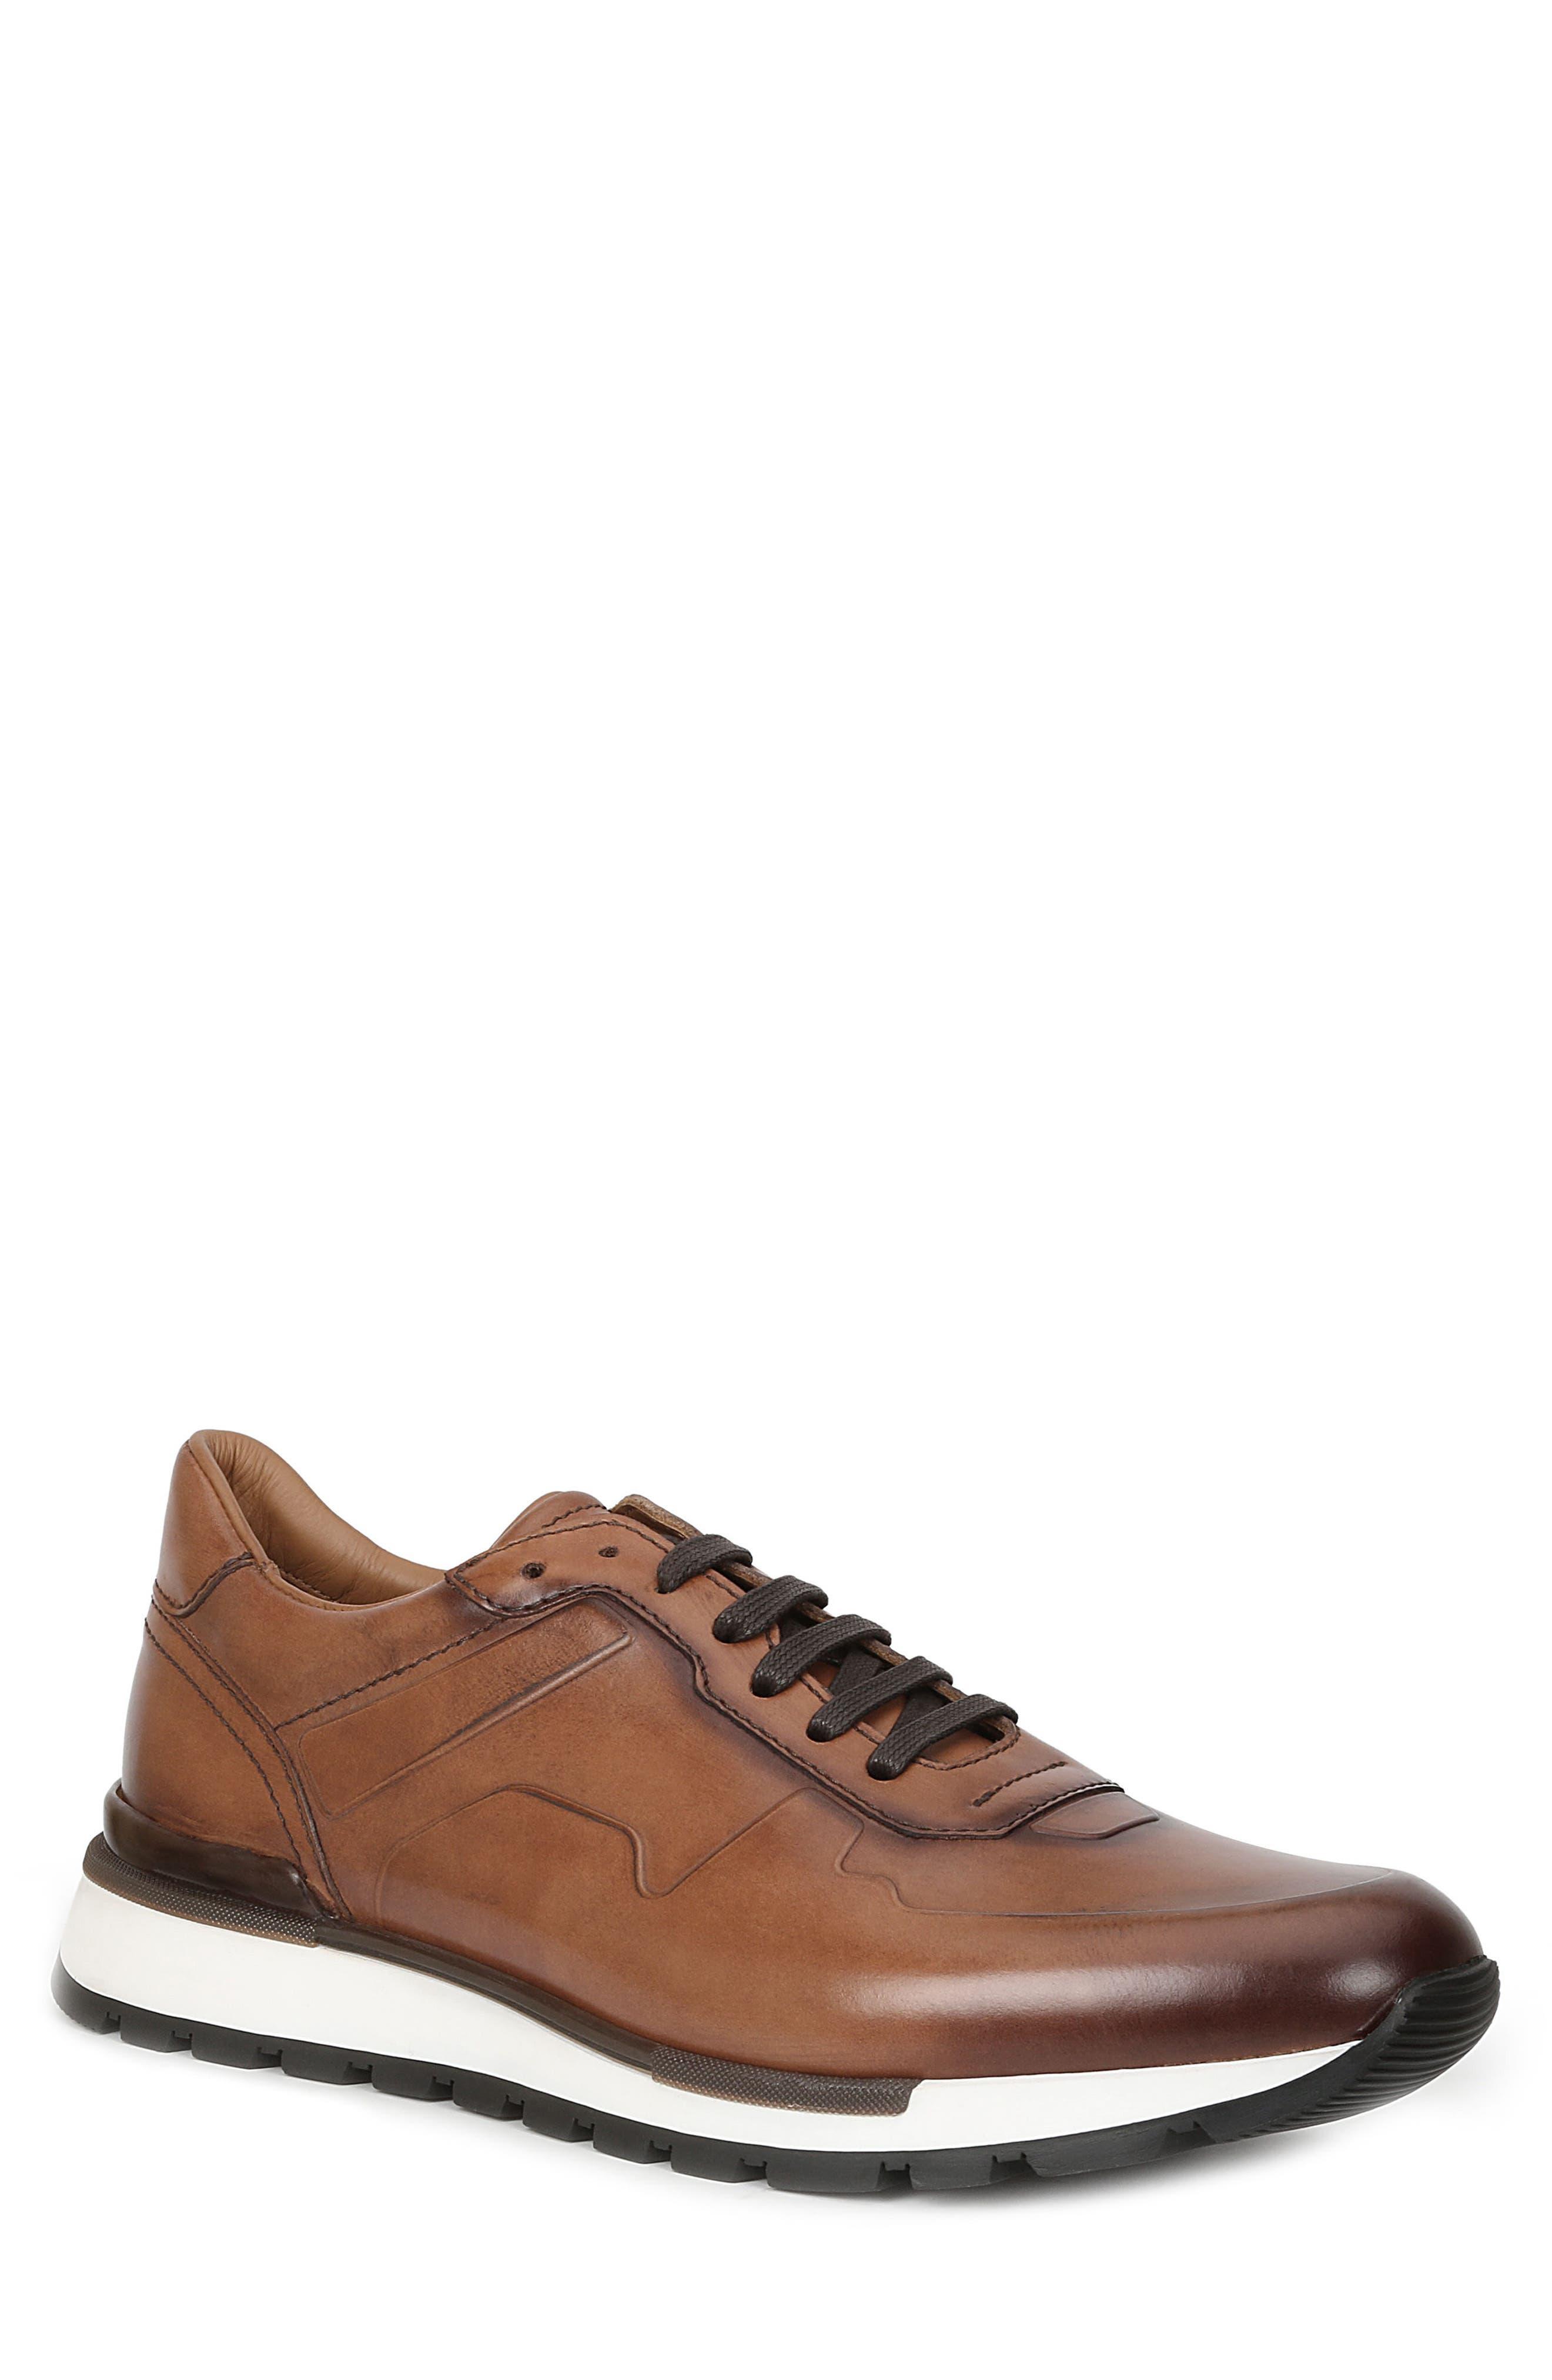 Bruno Magli   Davio Low Top Sneaker